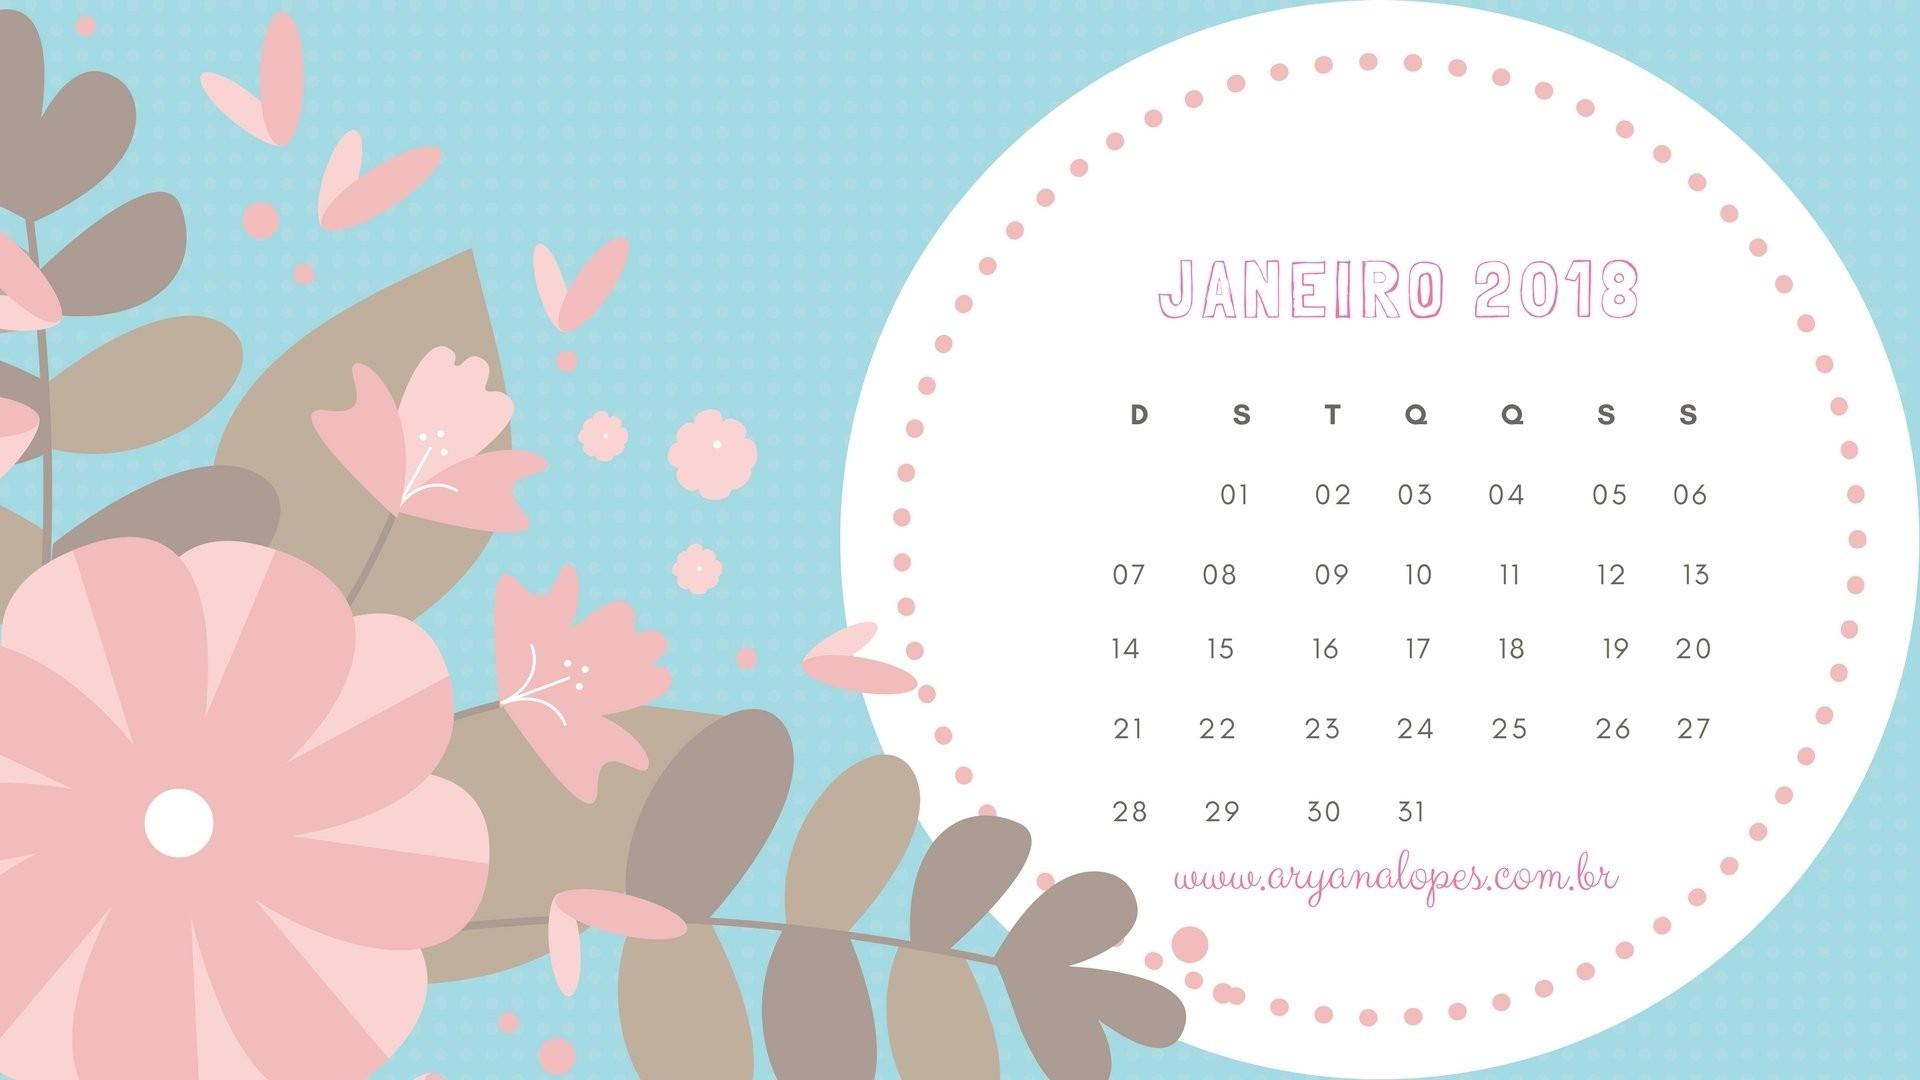 Calendário 2019 Feriados Nacionais Recientes Partilhando Ideias Calendrio 2018 Calendrio T Of Calendário 2019 Feriados Nacionais Más Recientes A Arte De Ensinar E Aprender T Calendario 2018